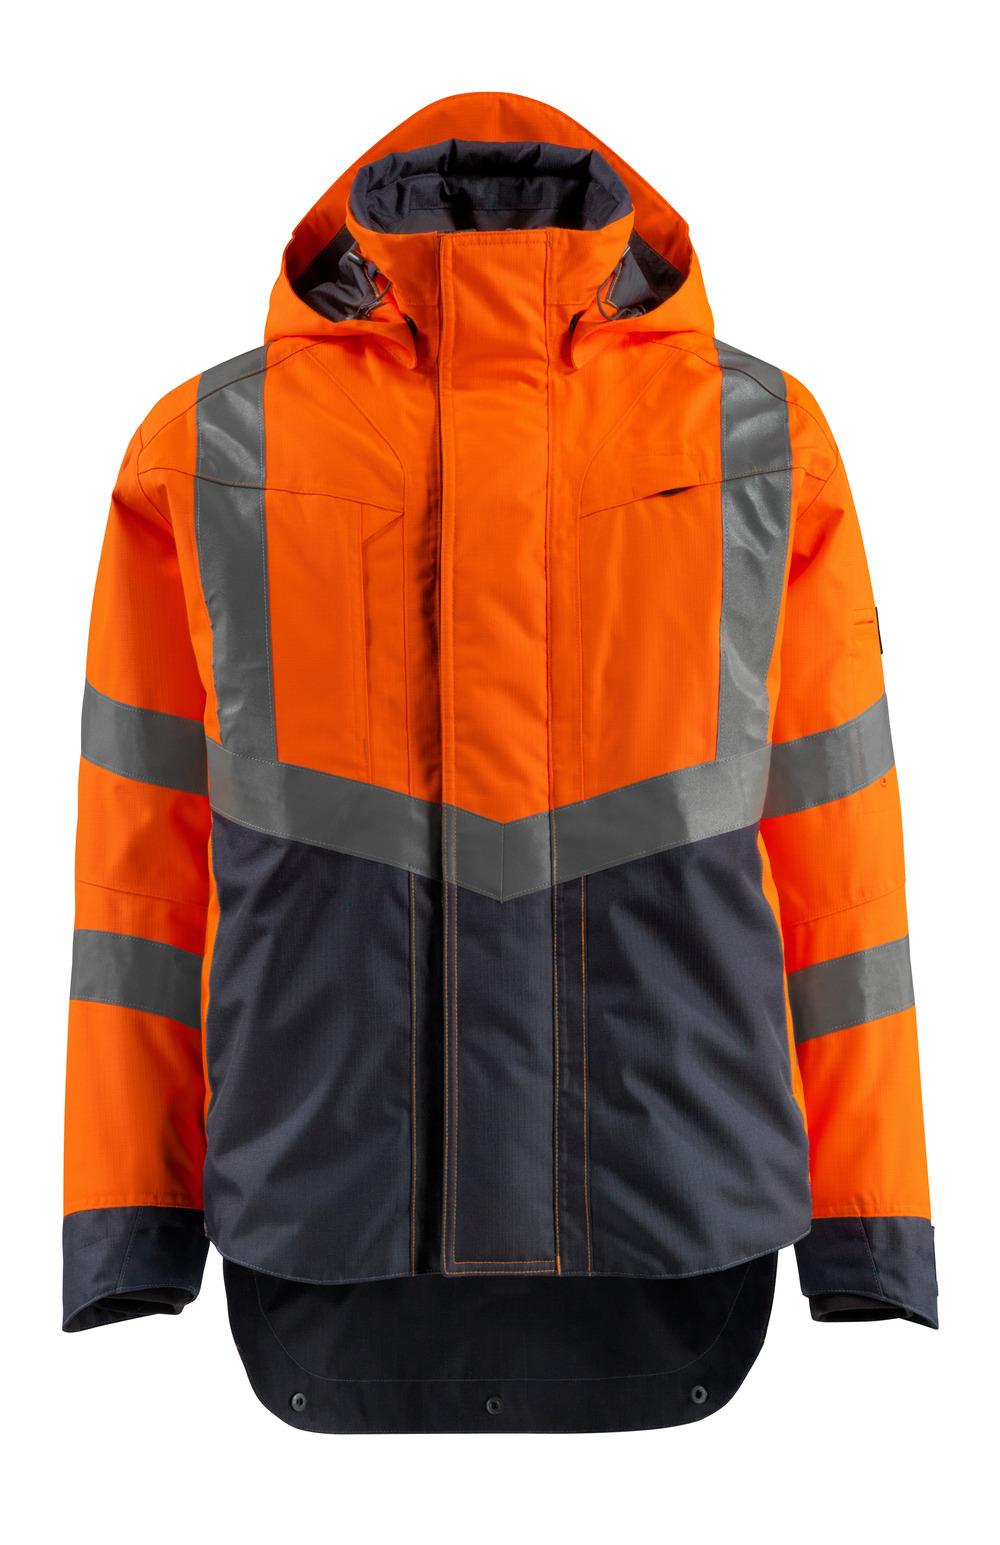 15501-231-14010 Chaqueta con forro exterior - naranja de alta vis./azul marino oscuro